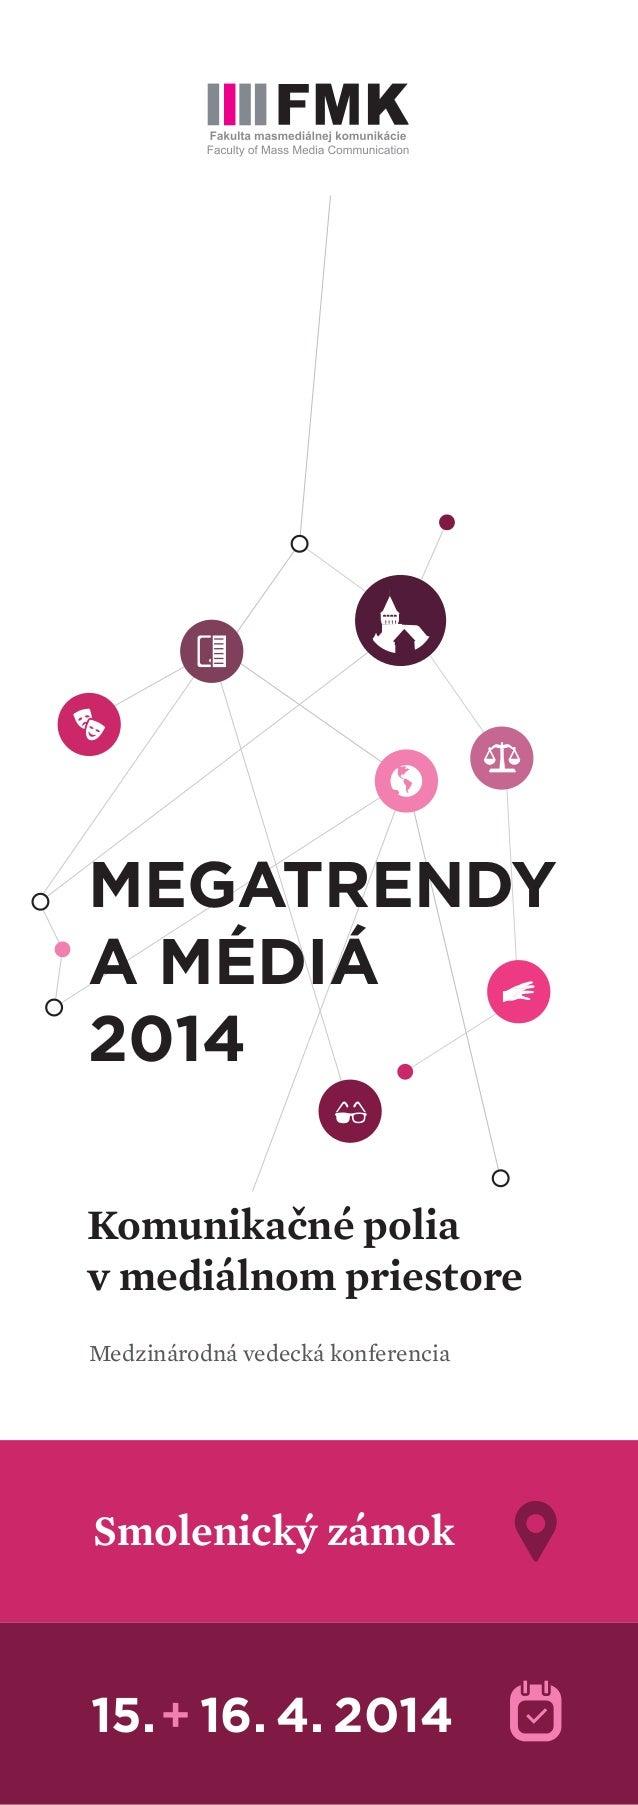 MEGATRENDY A MÉDIÁ 2014 Komunikačné polia v mediálnom priestore Medzinárodná vedecká konferencia Smolenický zámok 15. 16. ...